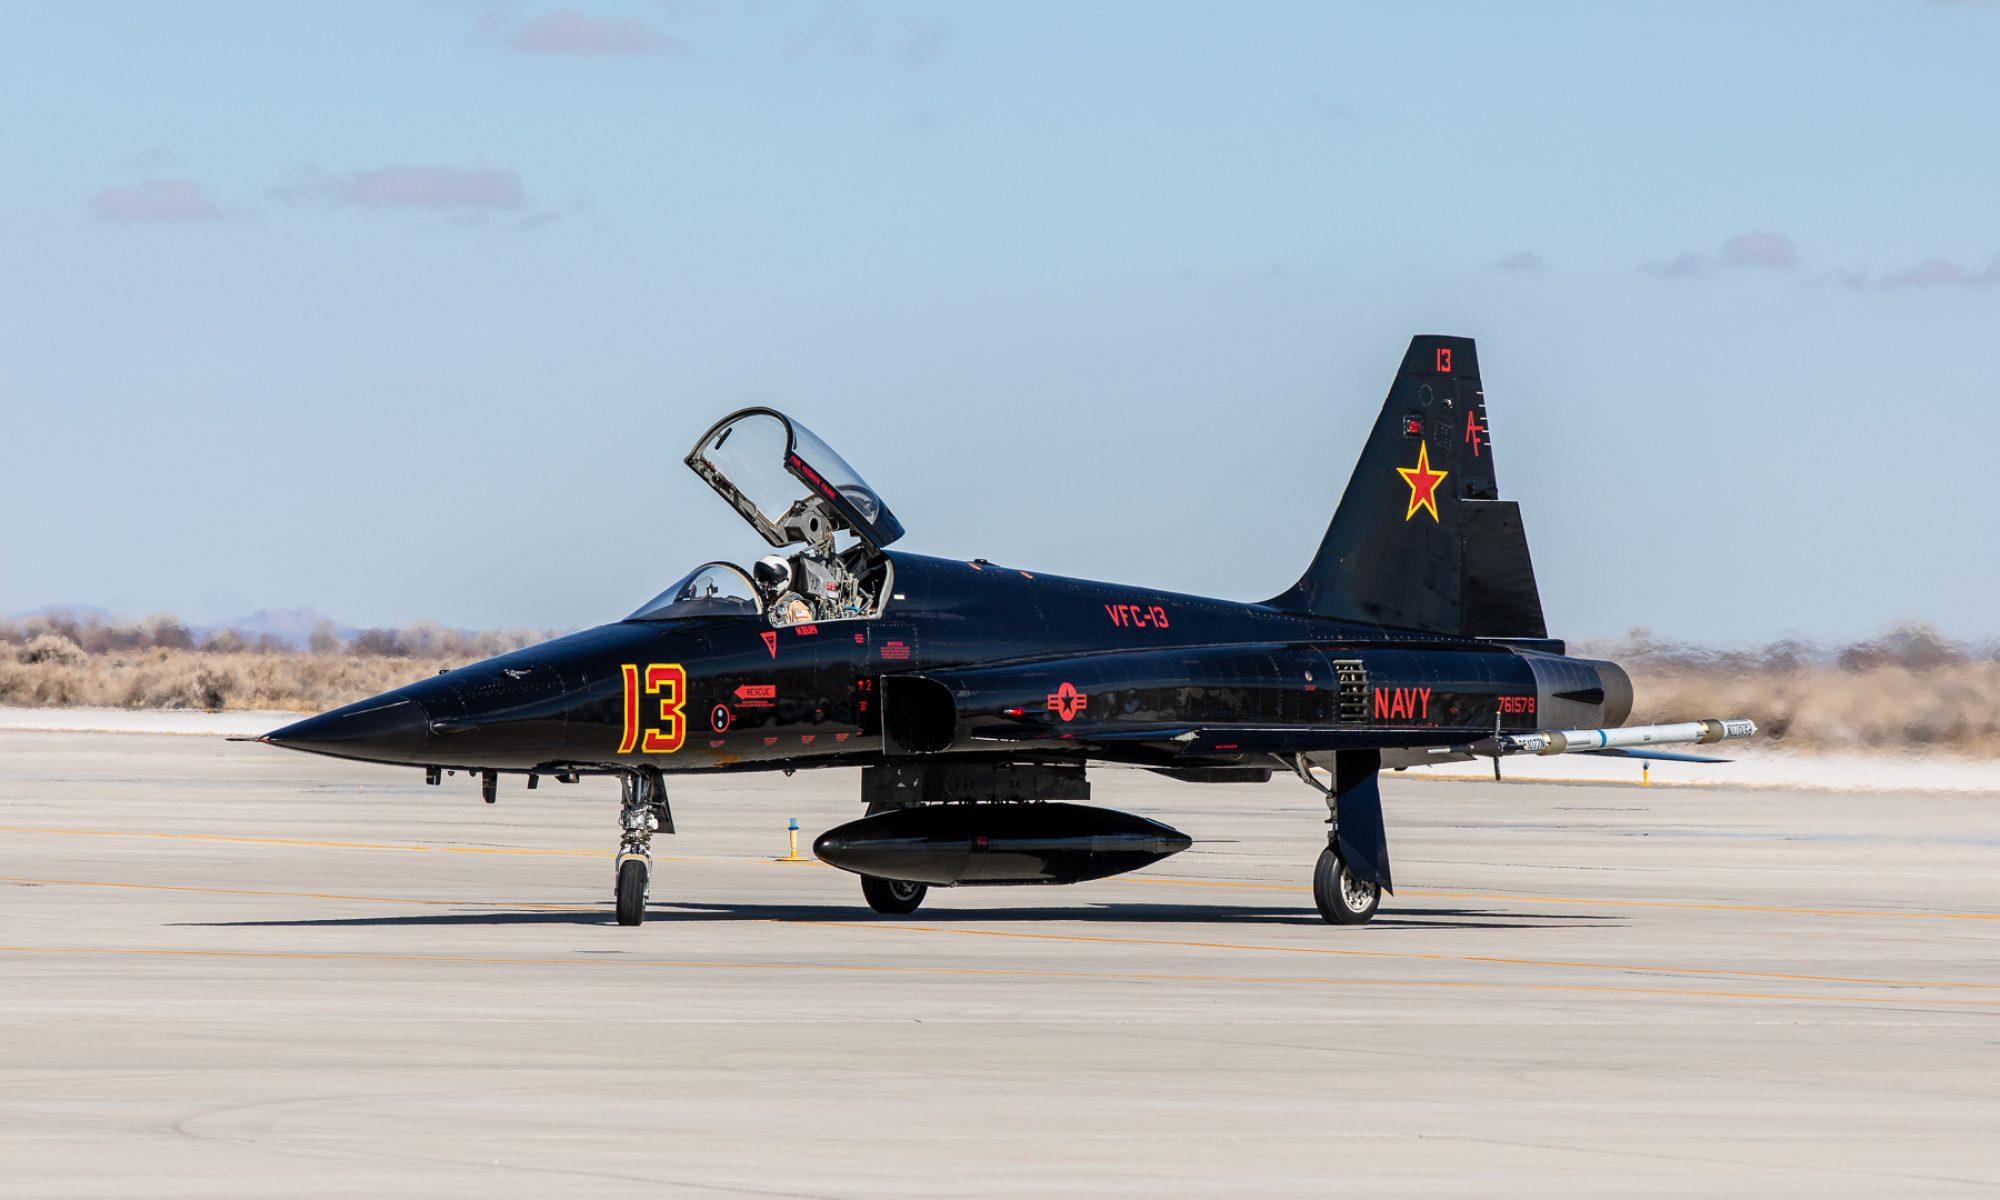 AircraftPIX